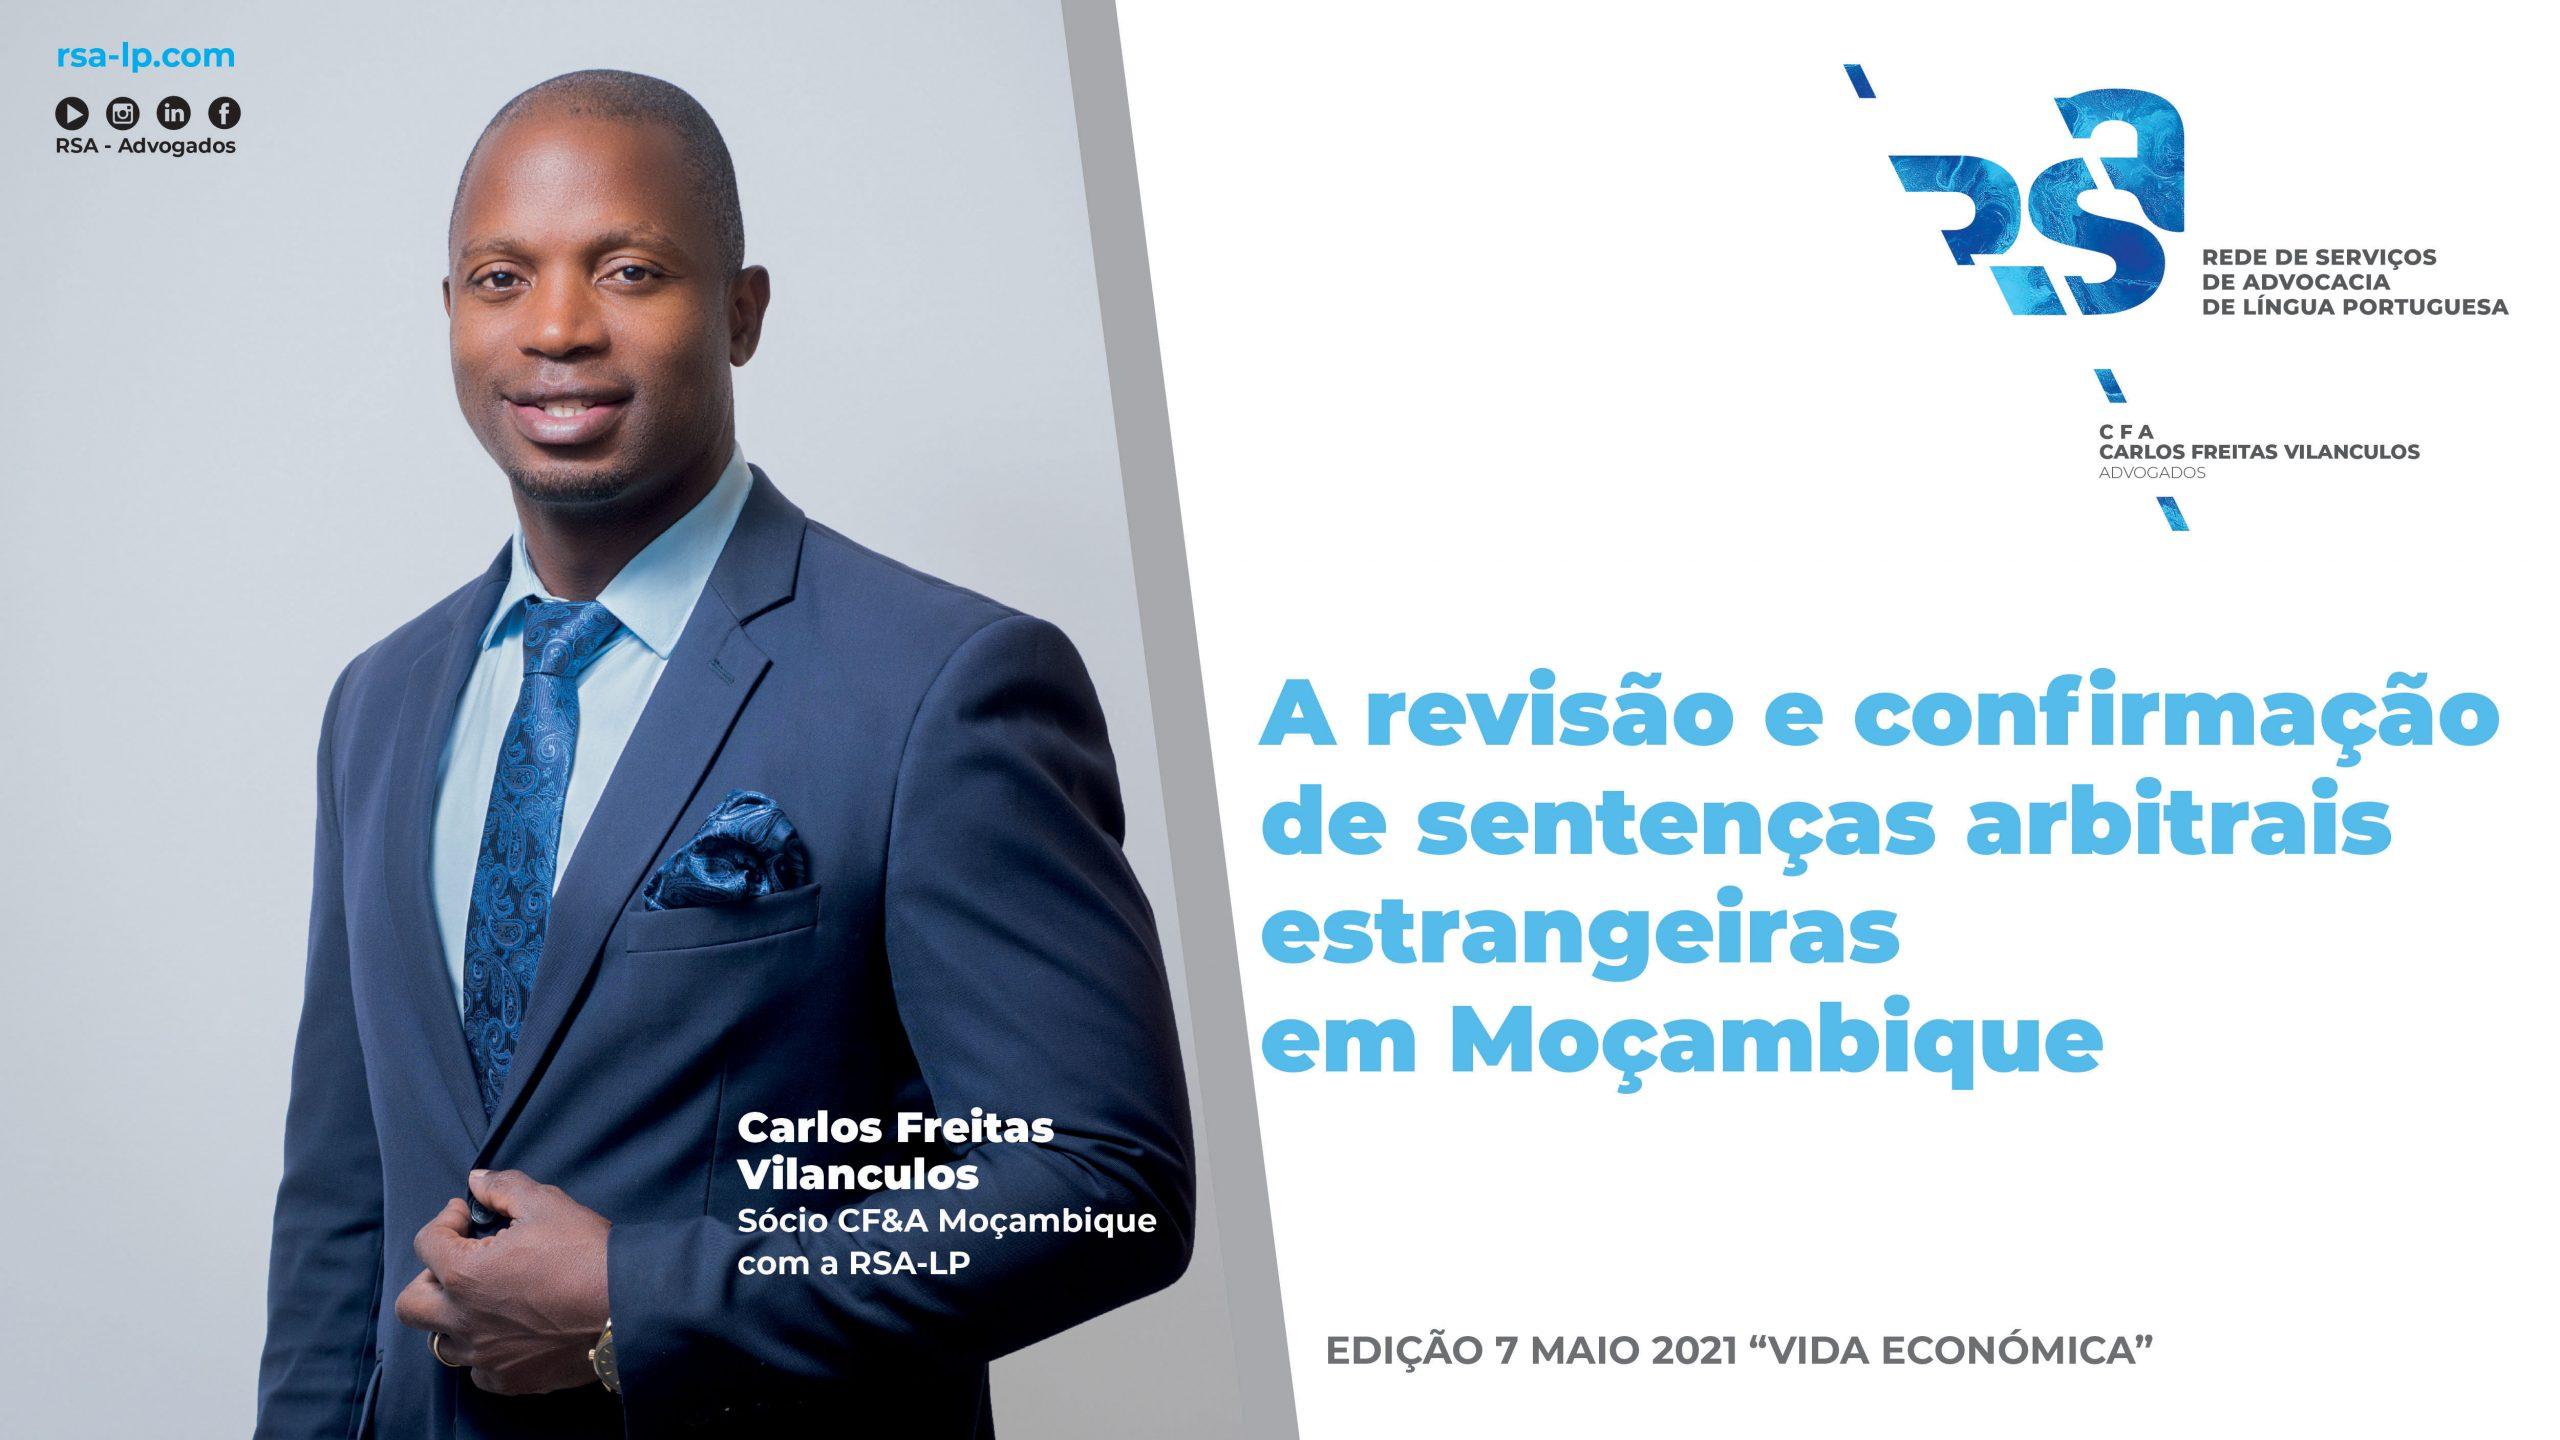 A revisão e confirmação de sentenças arbitrais estrangeiras em Moçambique